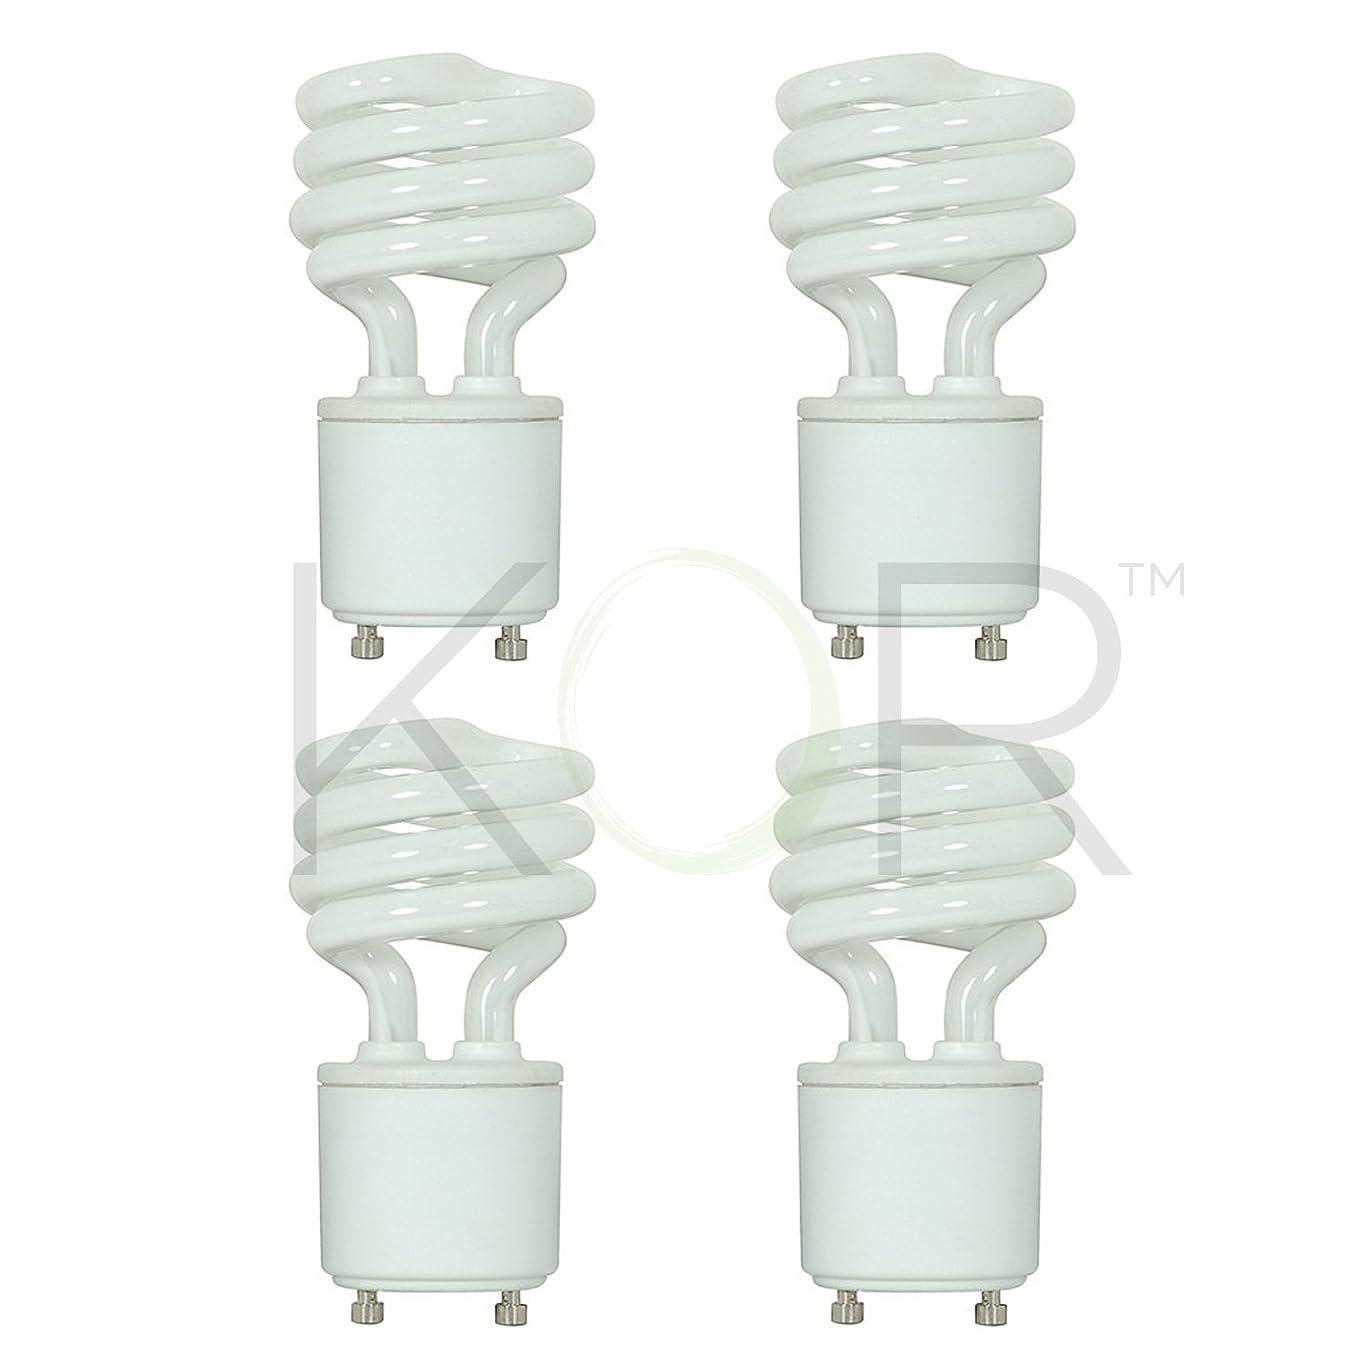 (Pack of 4) 13 Watt Mini Spiral - GU24 Base - (60W Equivalent) - T2 Mini-Twist - CFL Light Bulb - 5000K Bright White